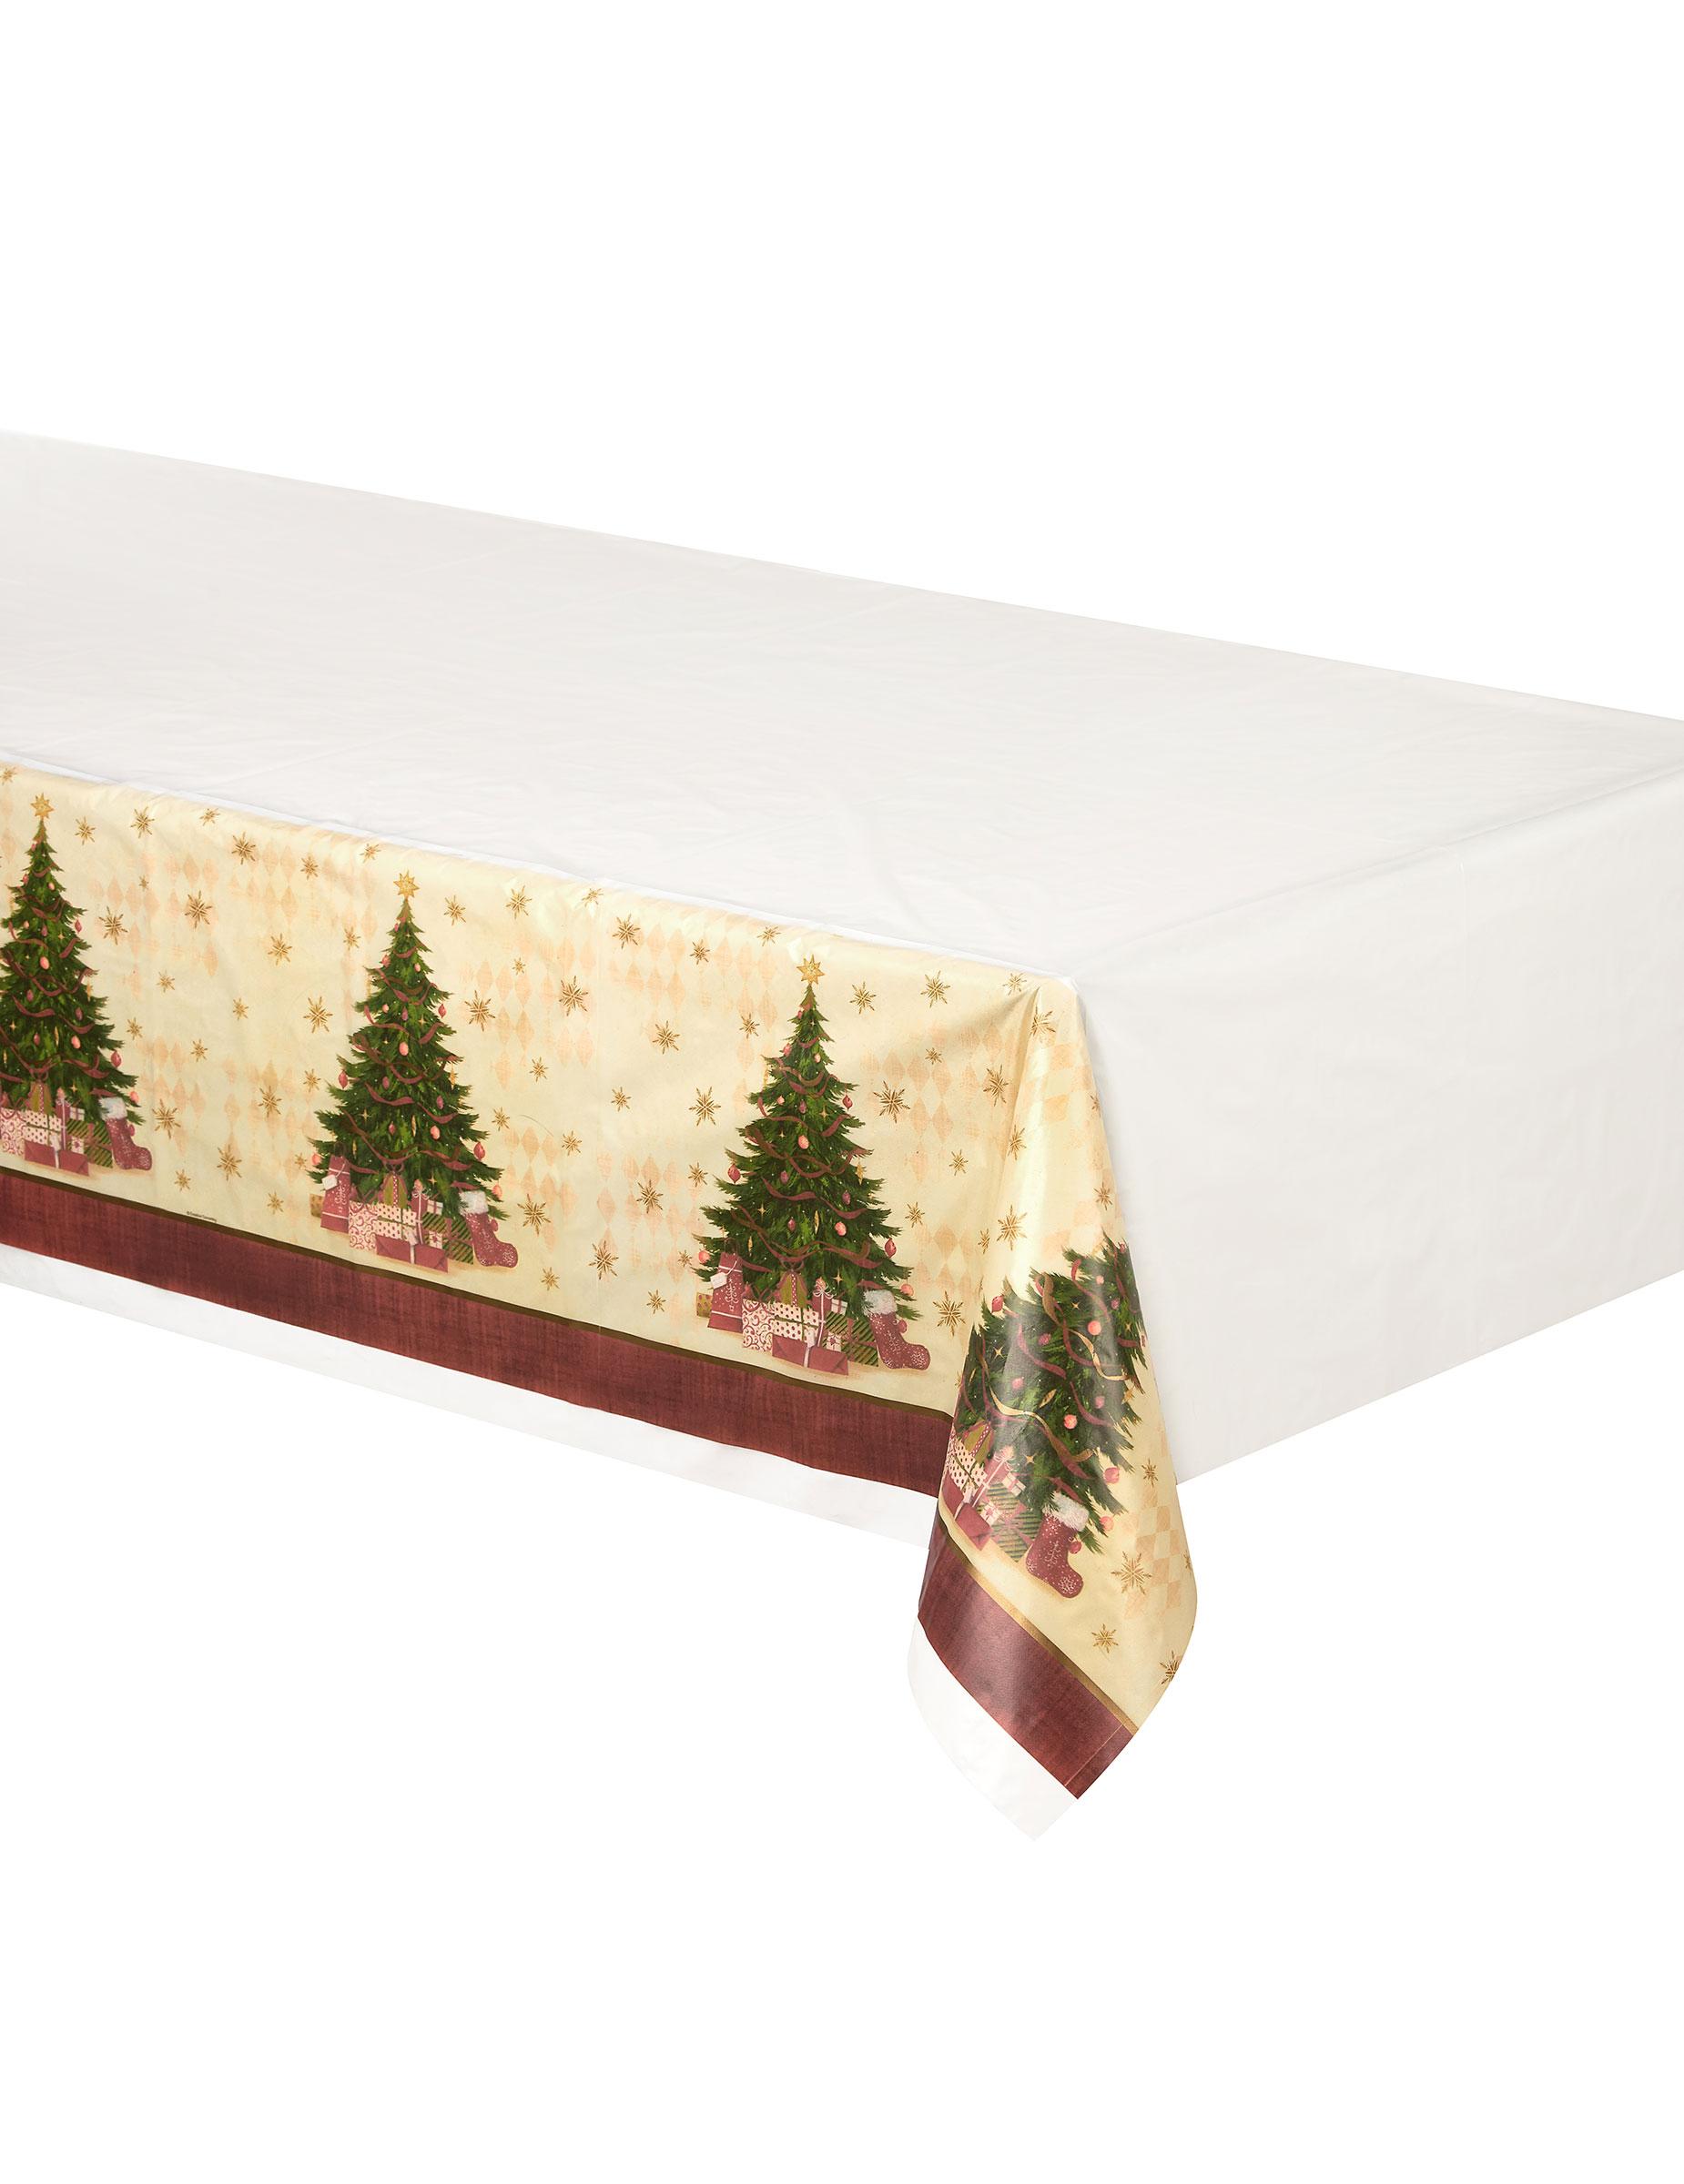 nappe en plastique sapin de no l 137cm x 259 cm d coration anniversaire et f tes th me sur. Black Bedroom Furniture Sets. Home Design Ideas